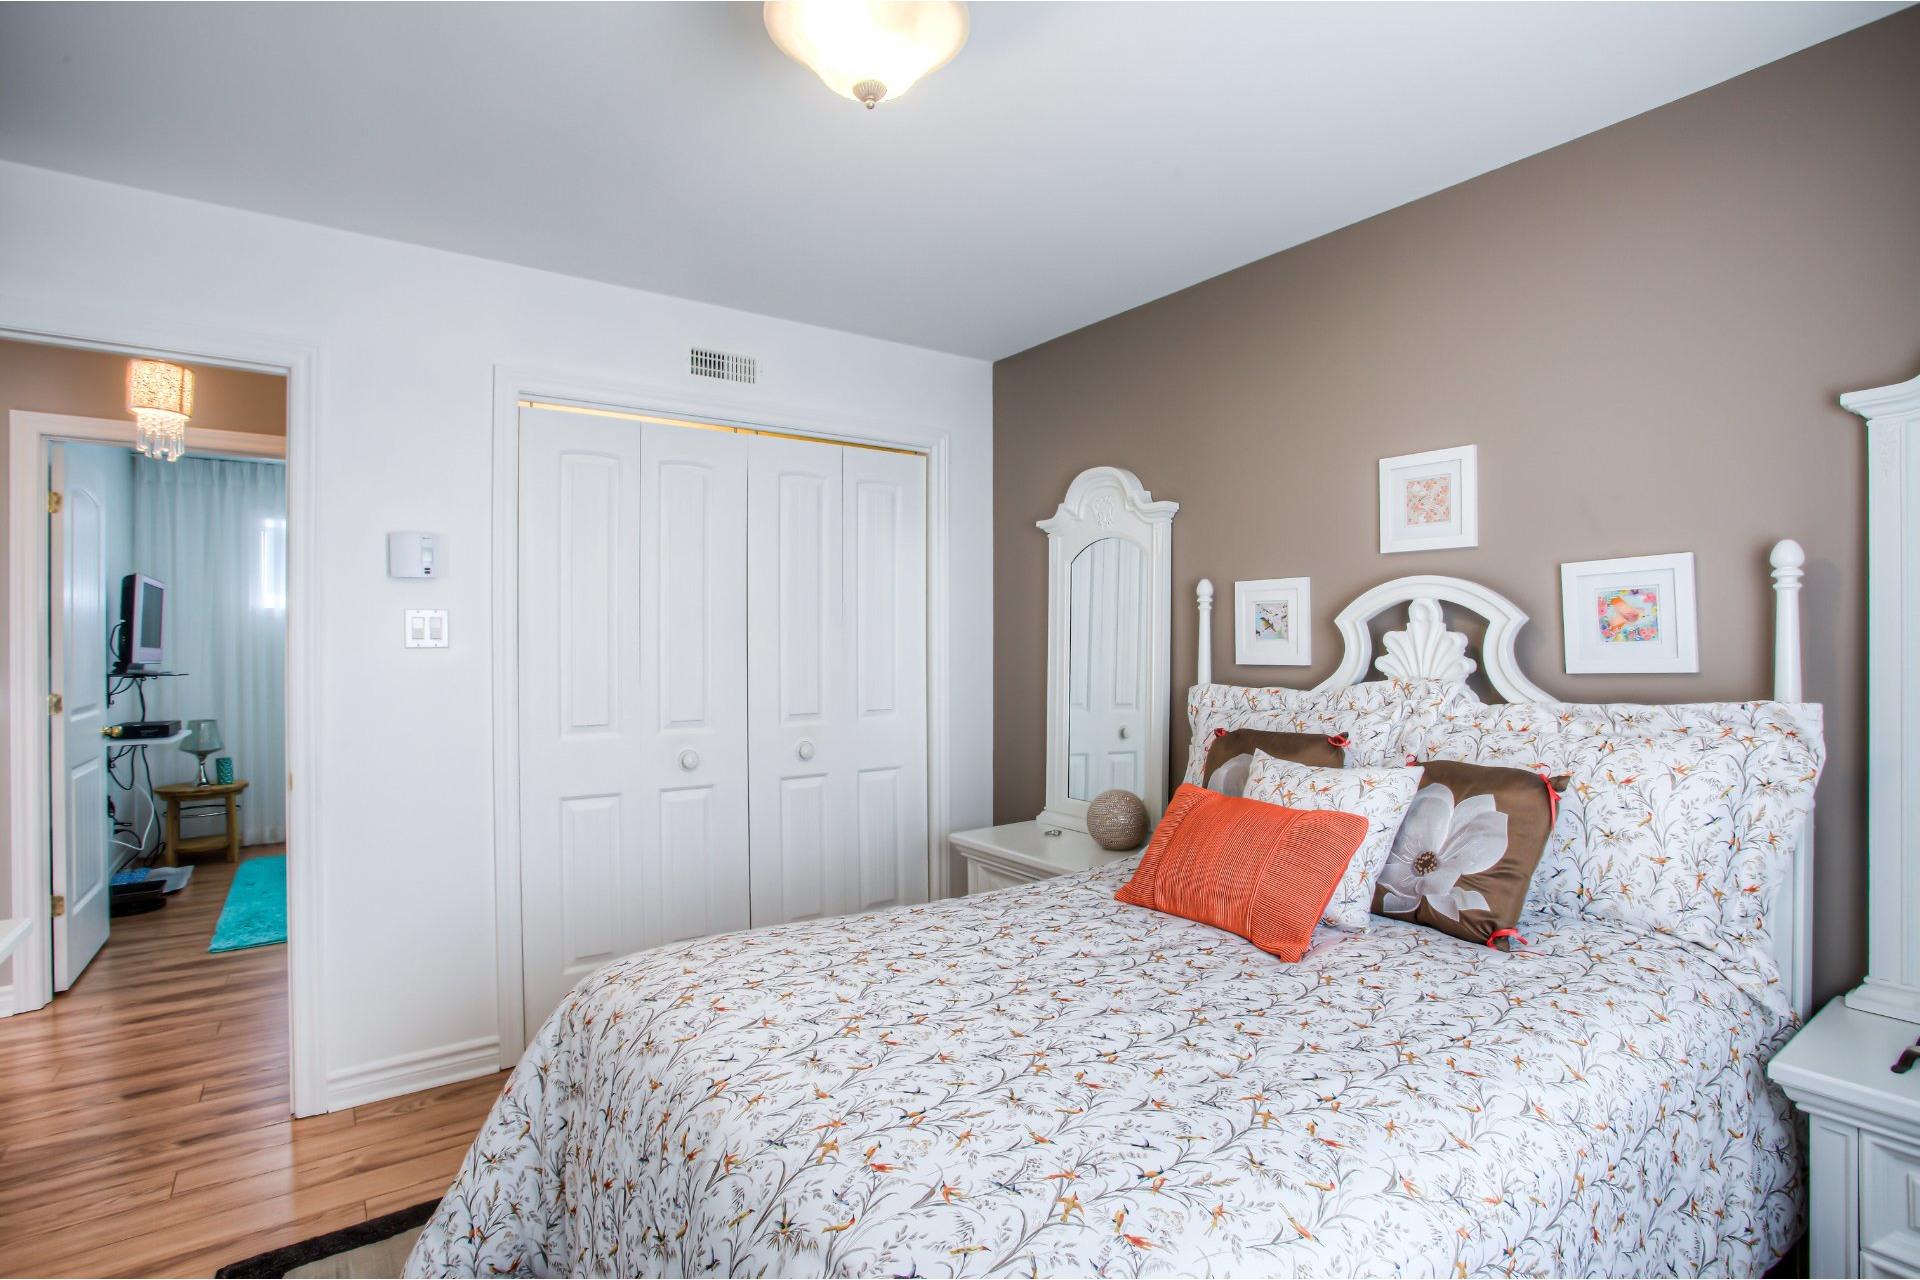 image 11 - Apartment For sale Pointe-des-Cascades - 6 rooms